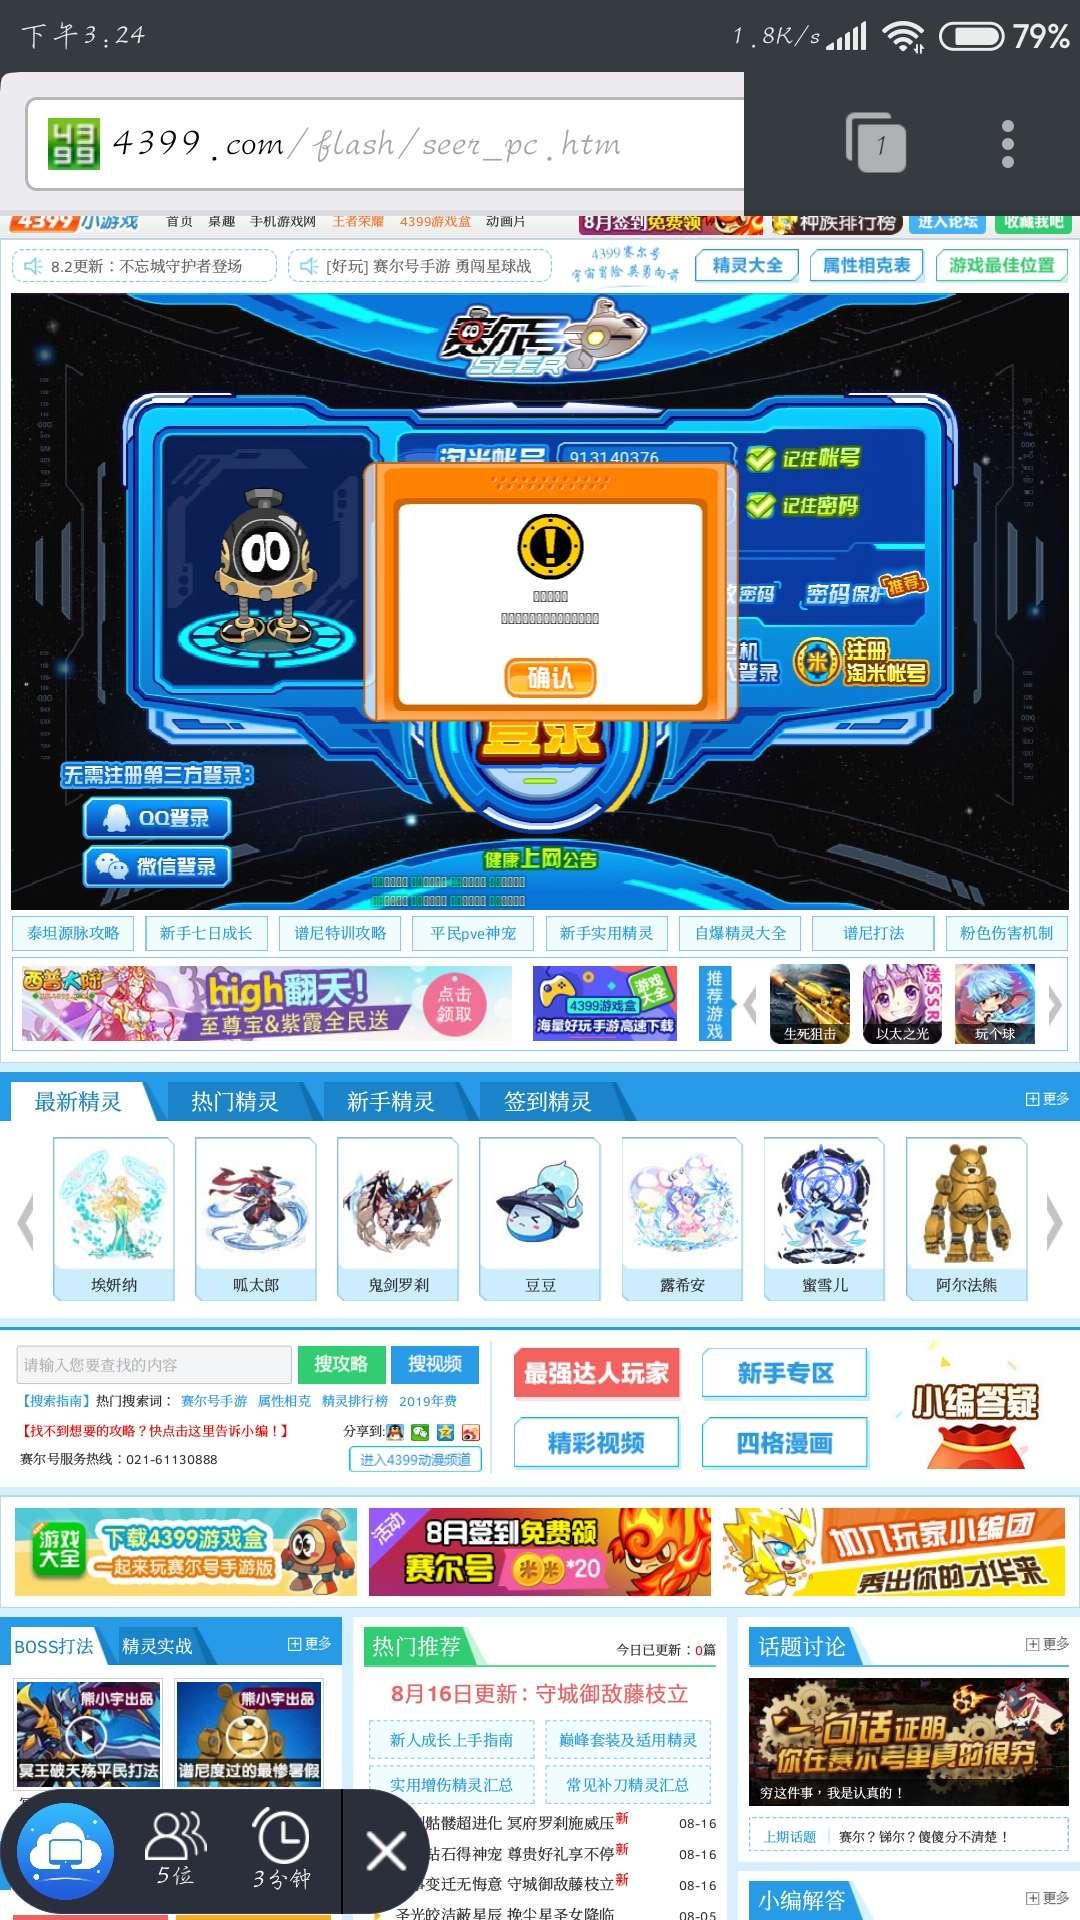 Webgenie手机玩4399游戏软件